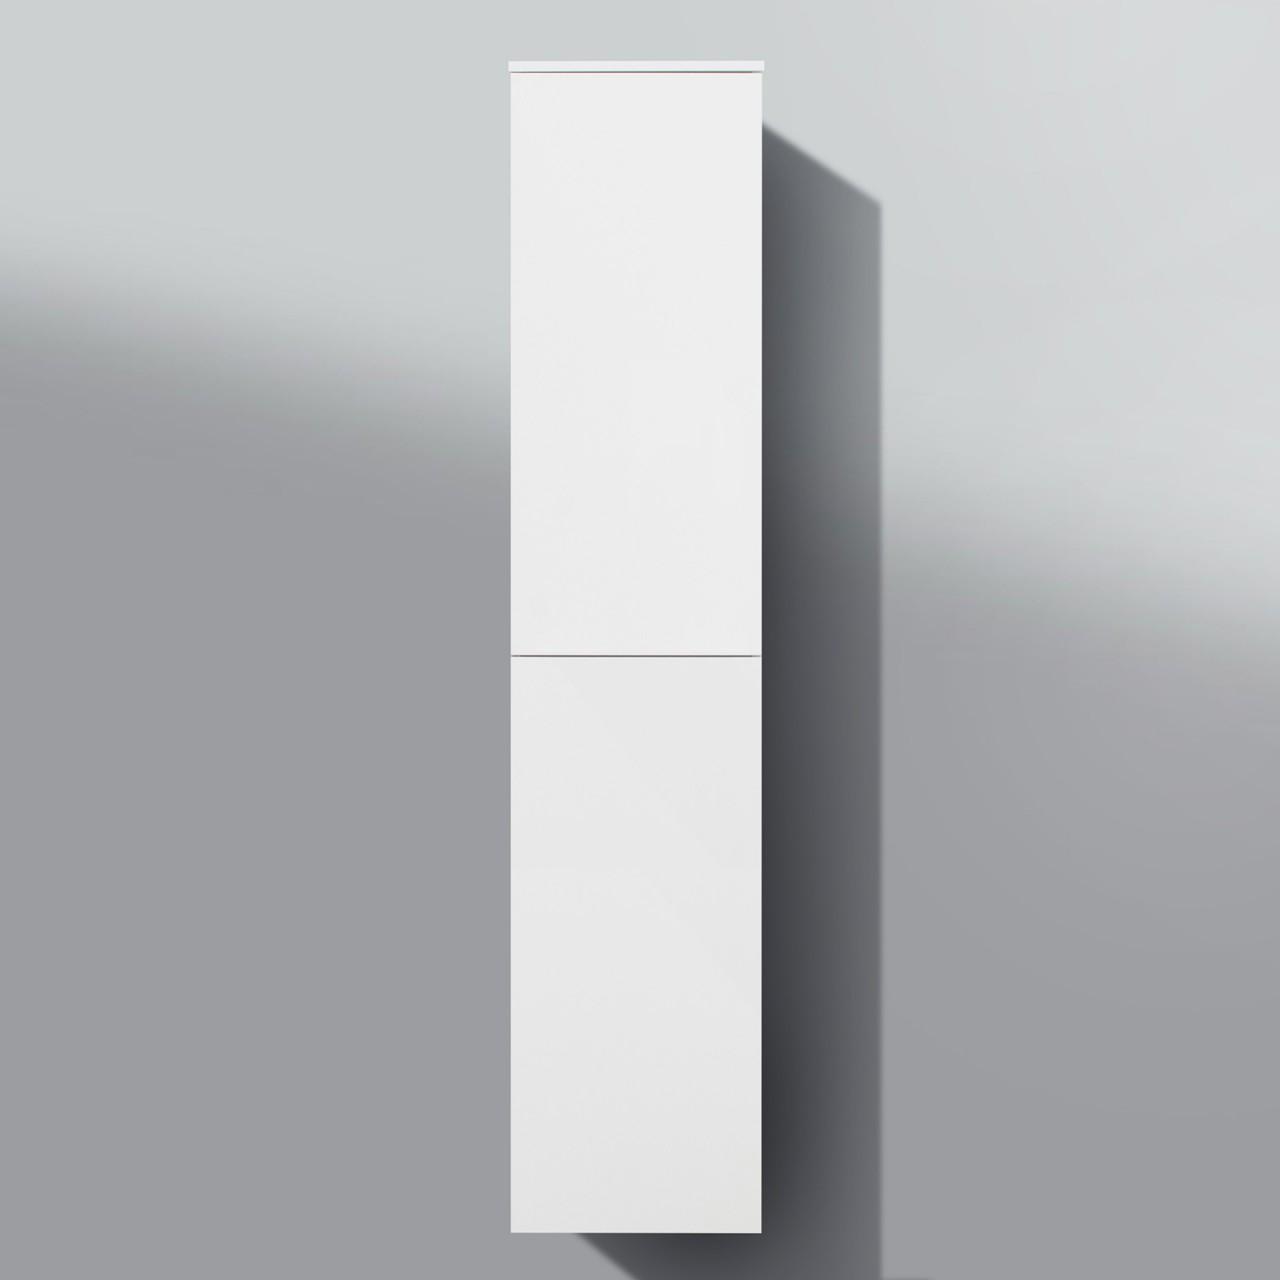 Bad Hochschrank, Seitenschrank Grifflos H/B/T: 161,6/35/32,5cm, weiß ...